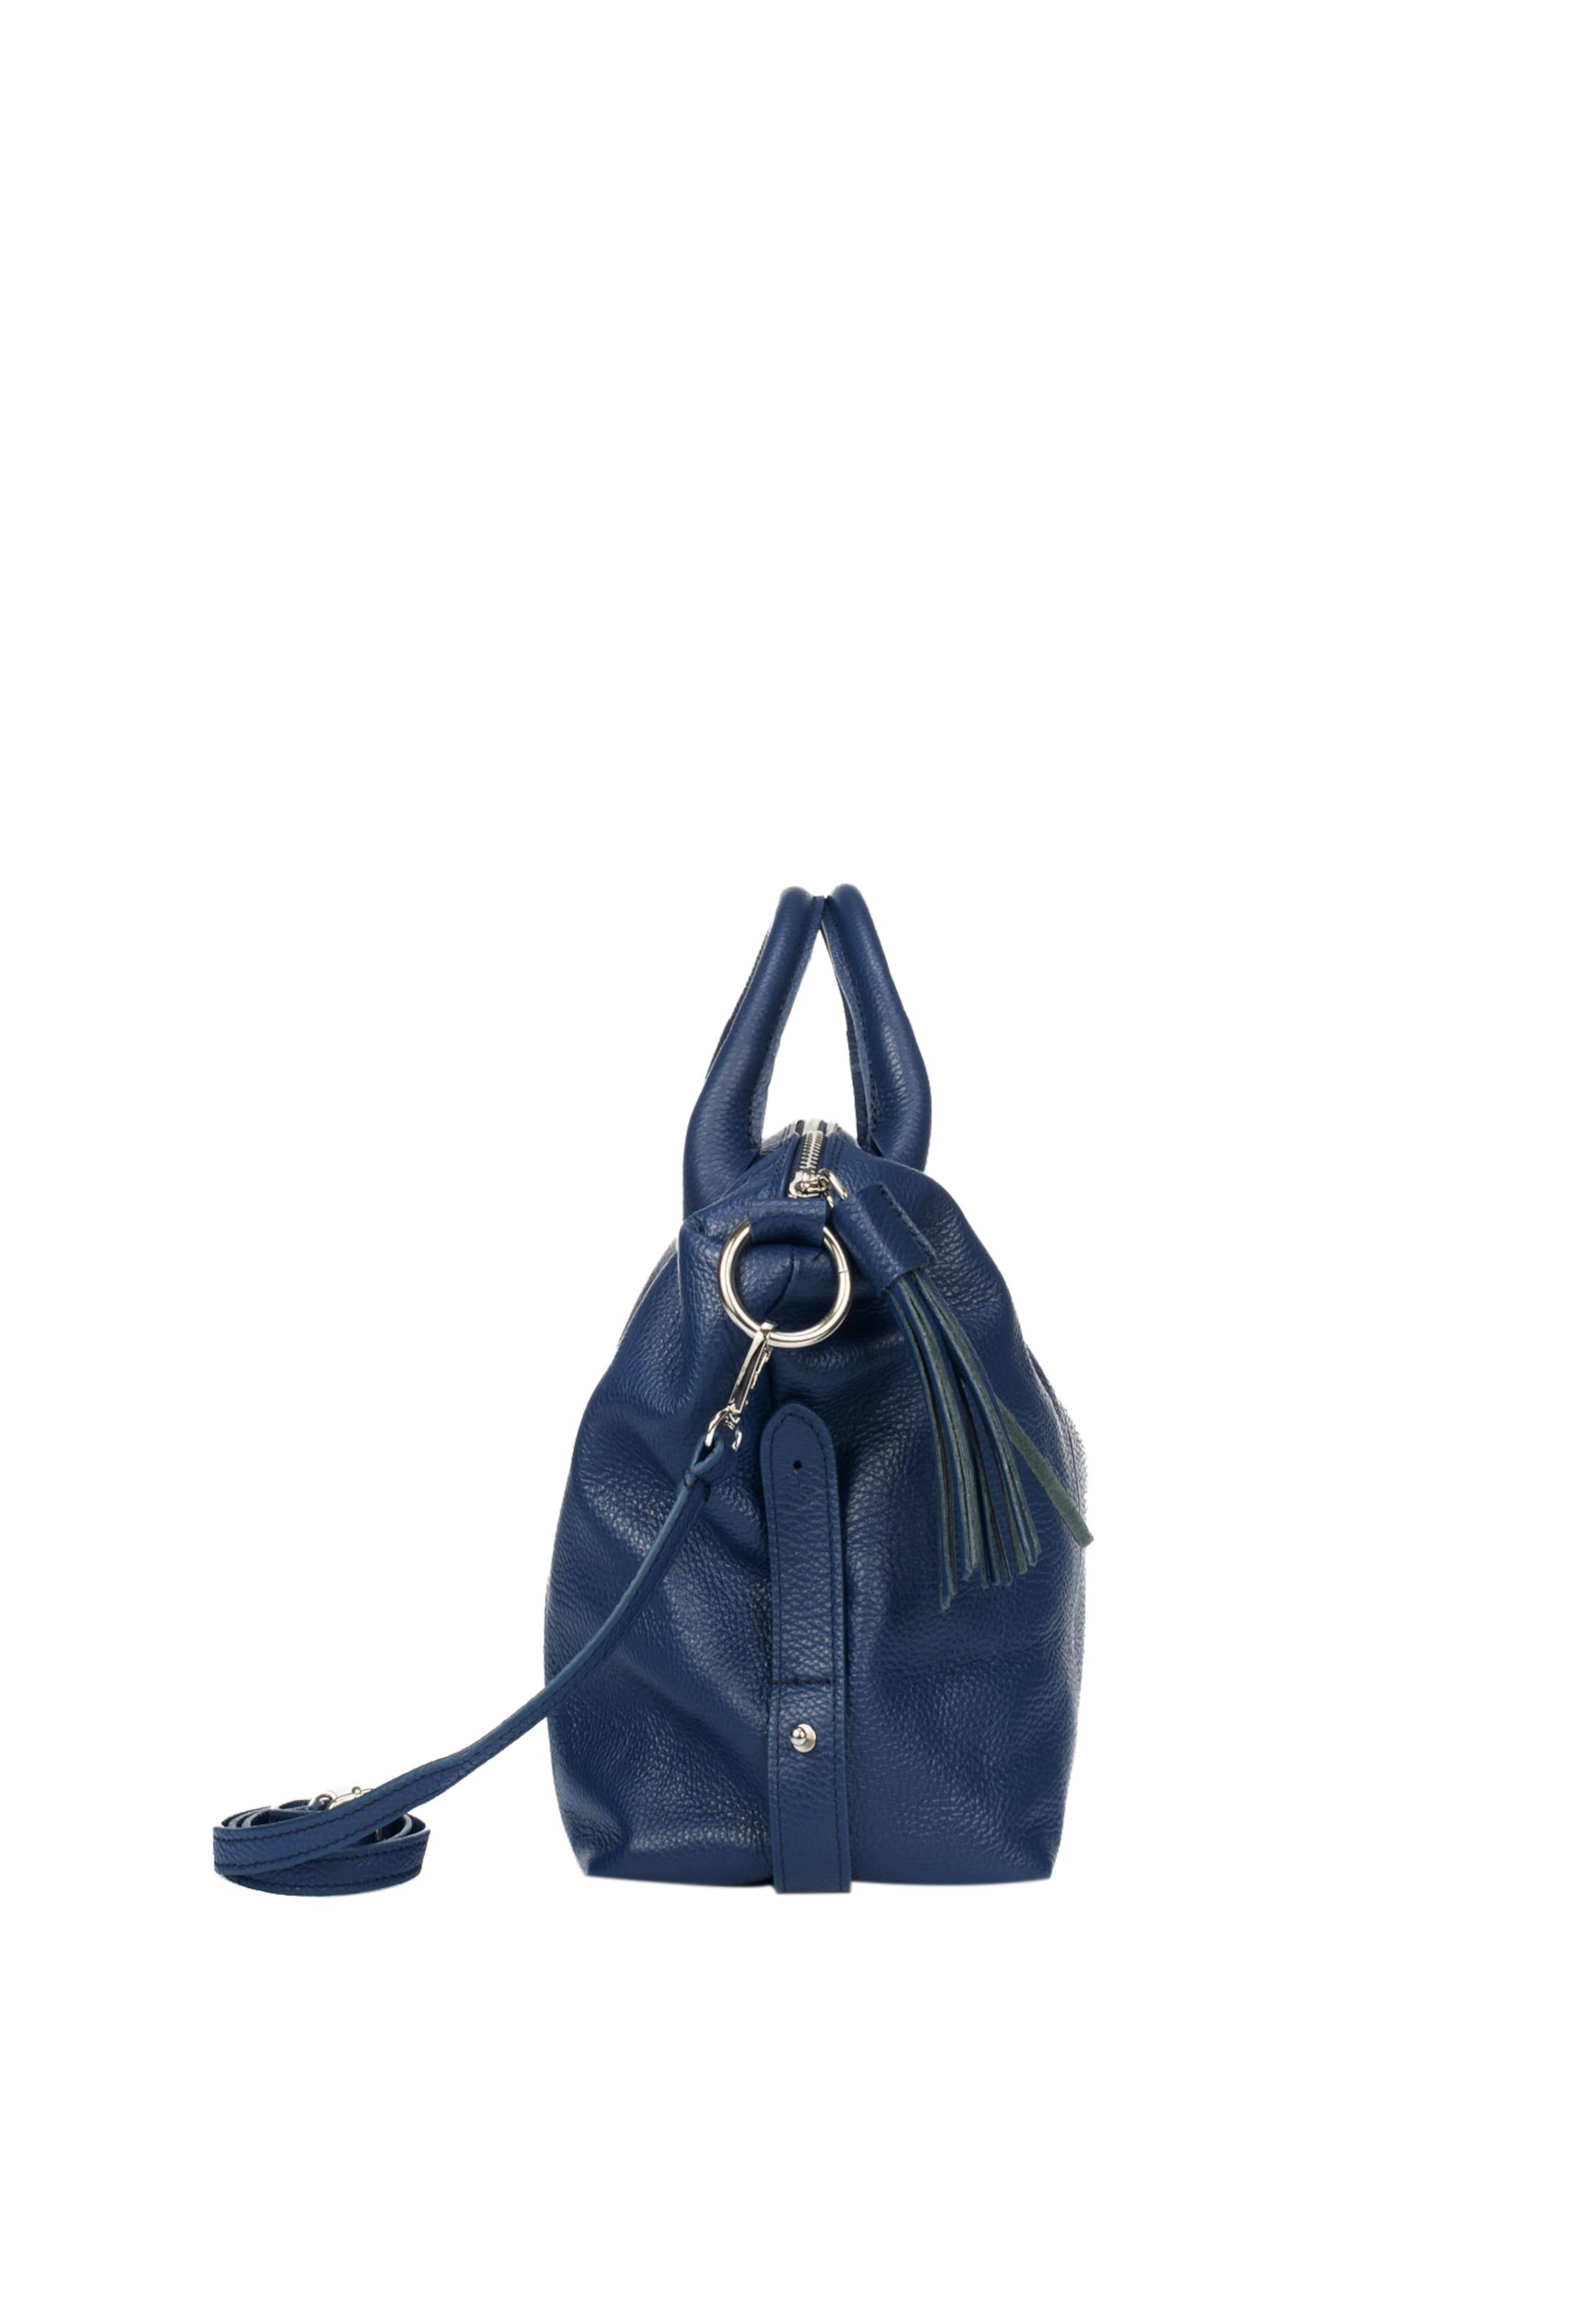 Usha Handtasche 'blue In Saphir Label' wPkOXiZulT